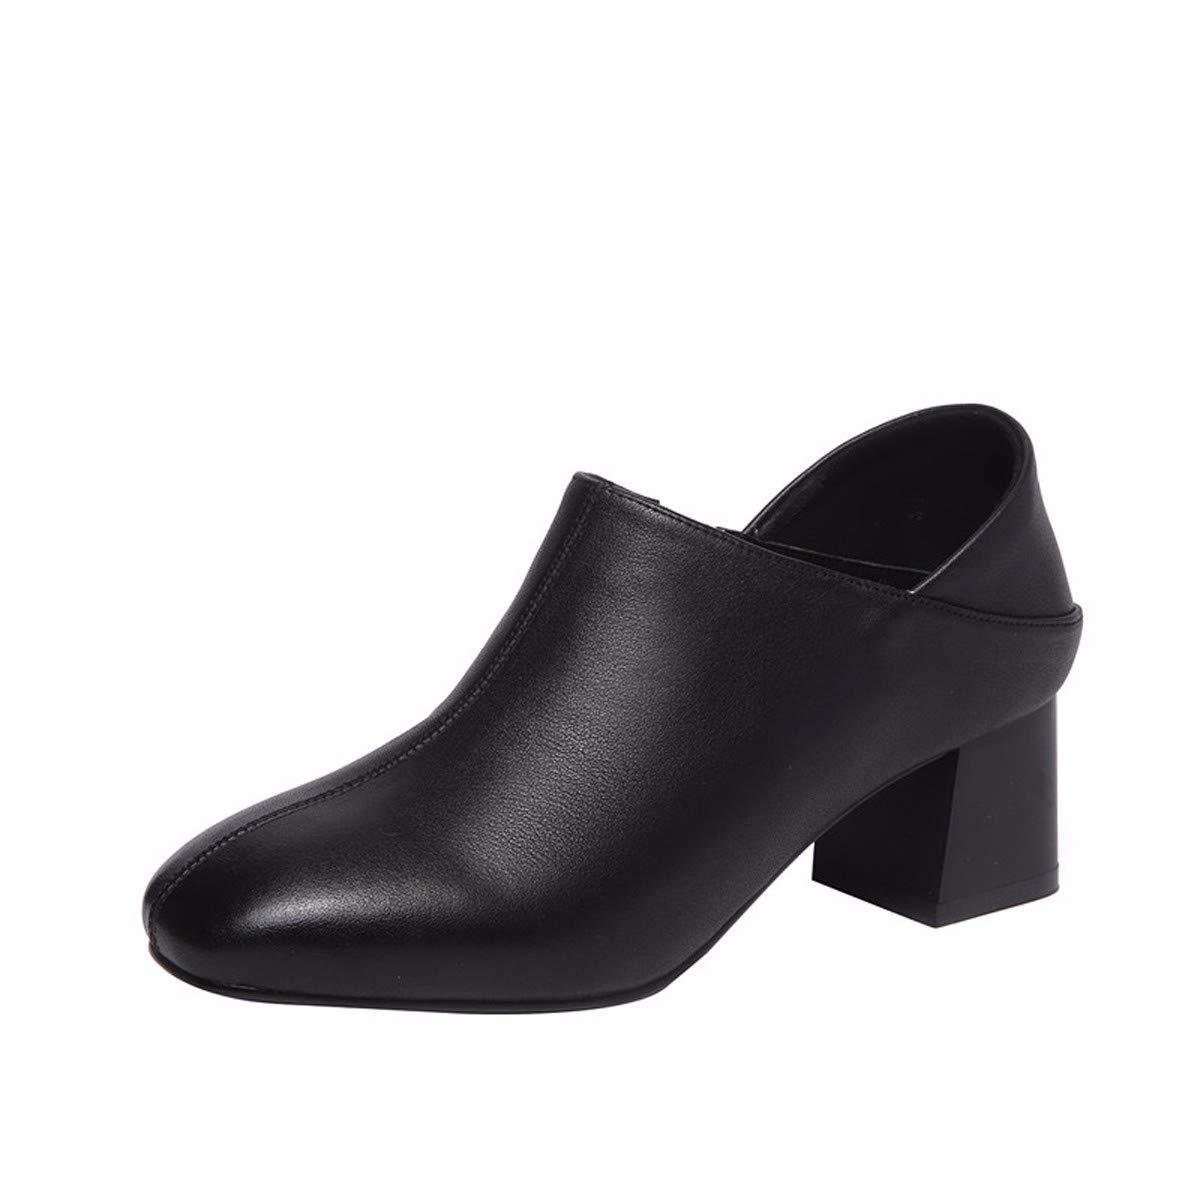 KOKQSX-Damen - Stiefel Tiefe Mund Leder high Heels die Schuhe Kurze Stiefel.